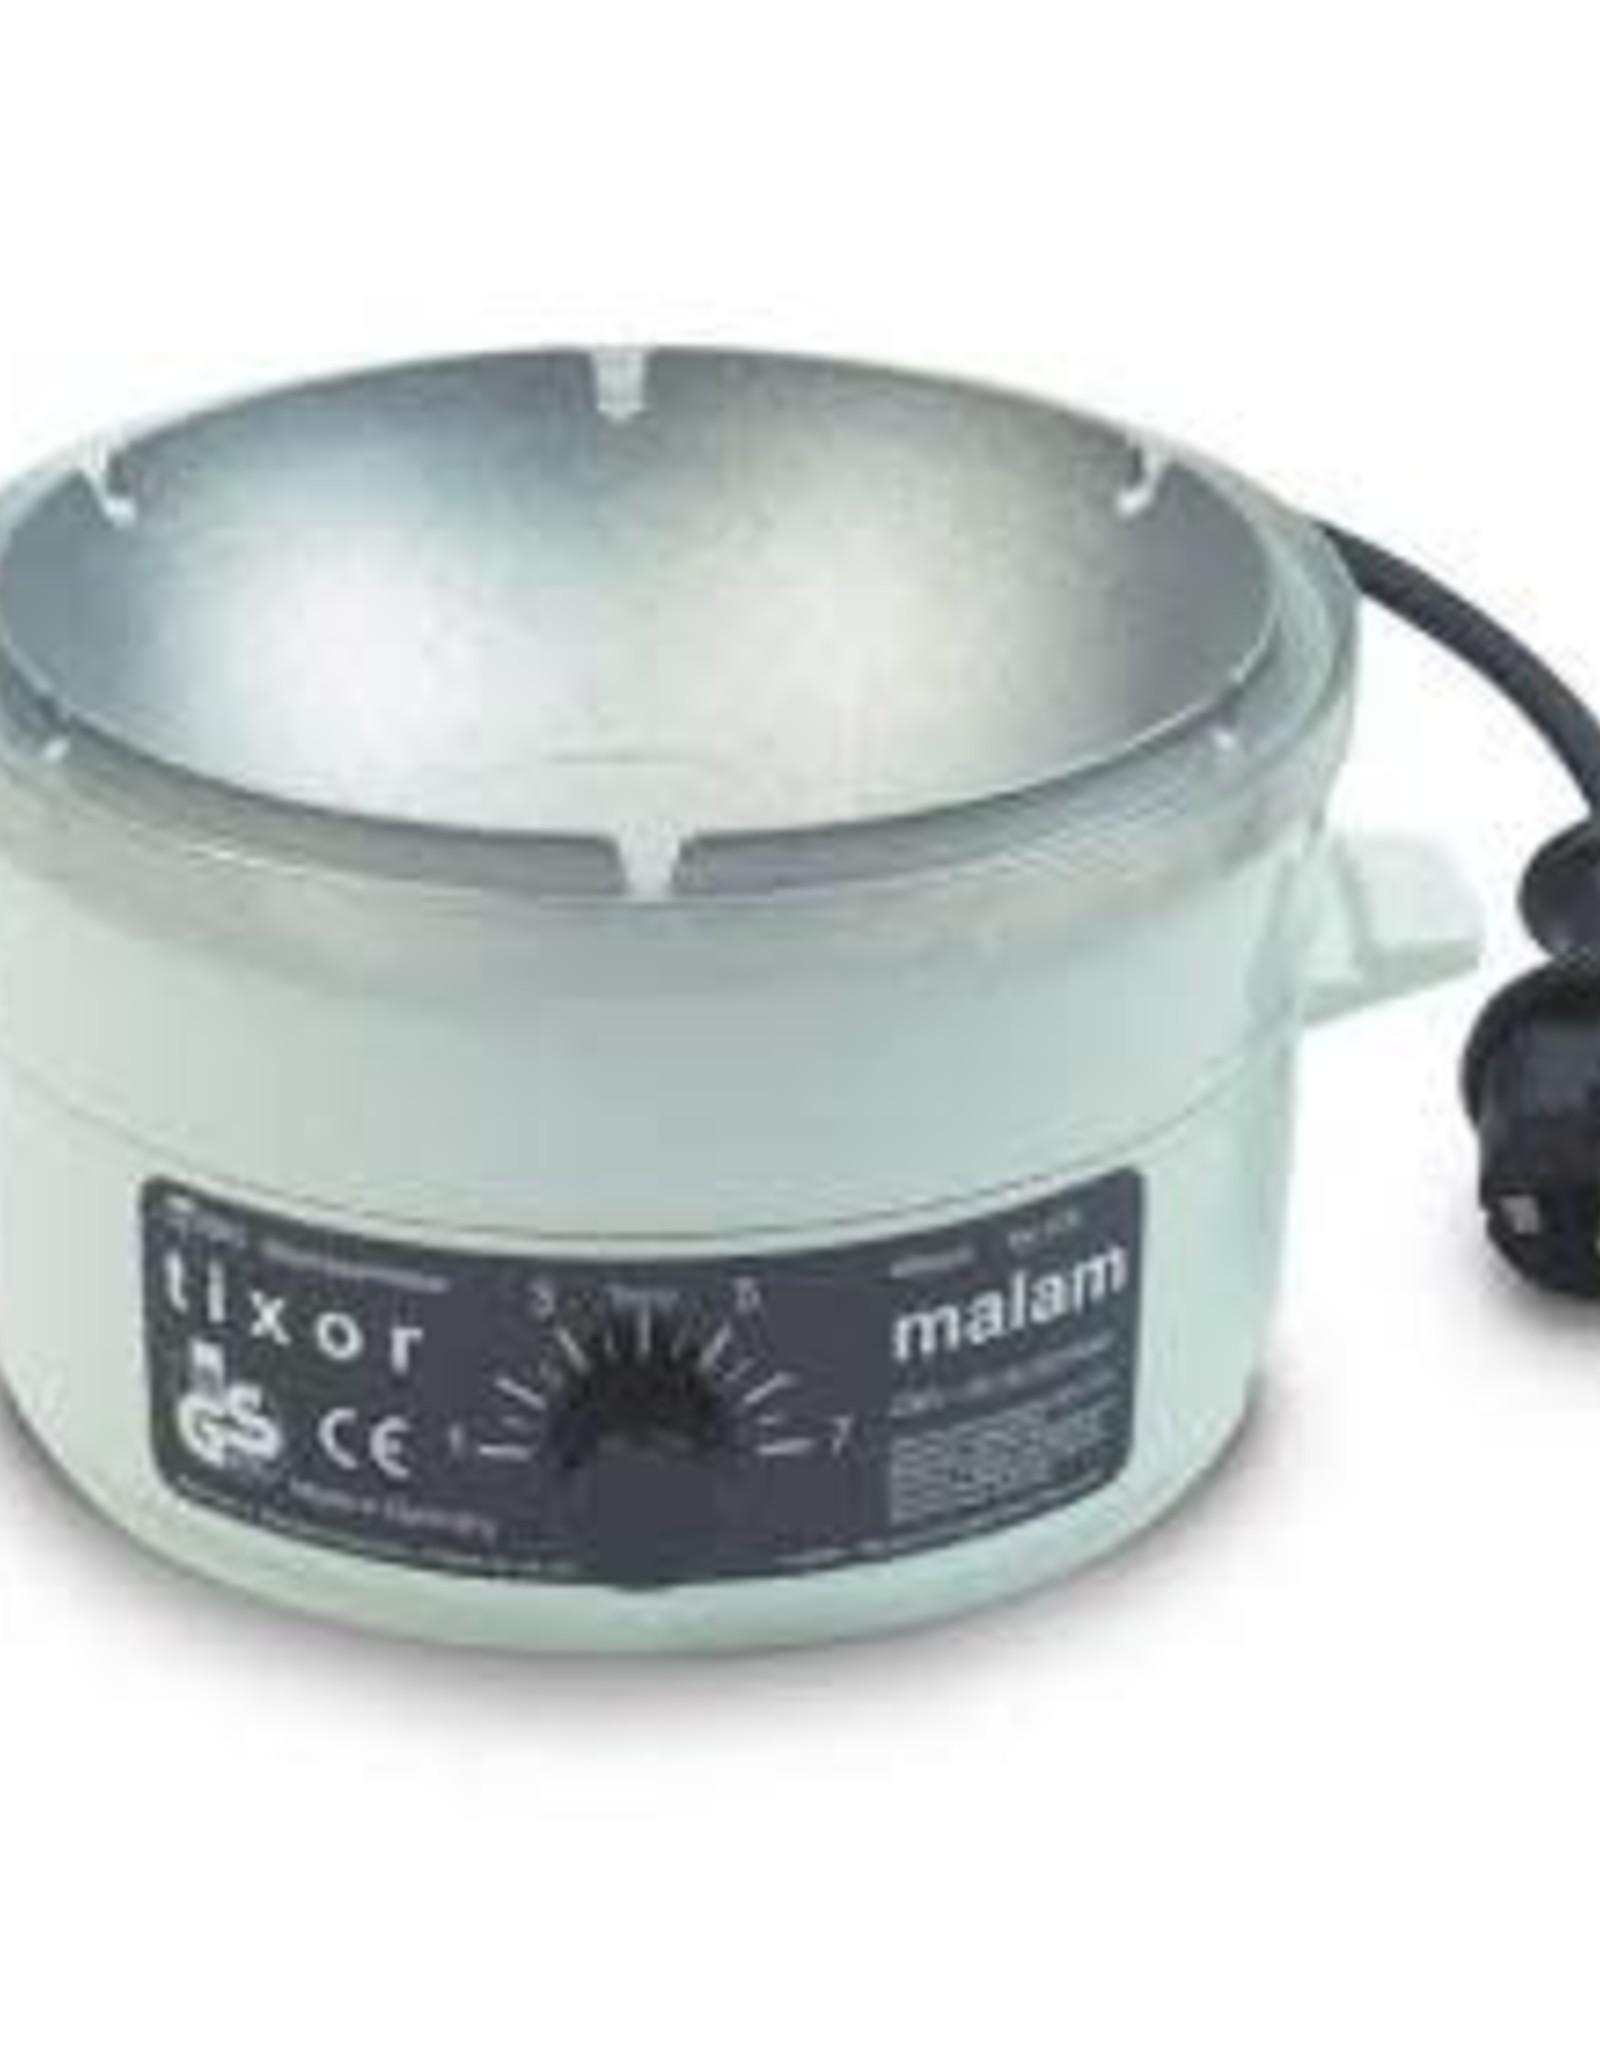 Wax Pot Tixor Malam